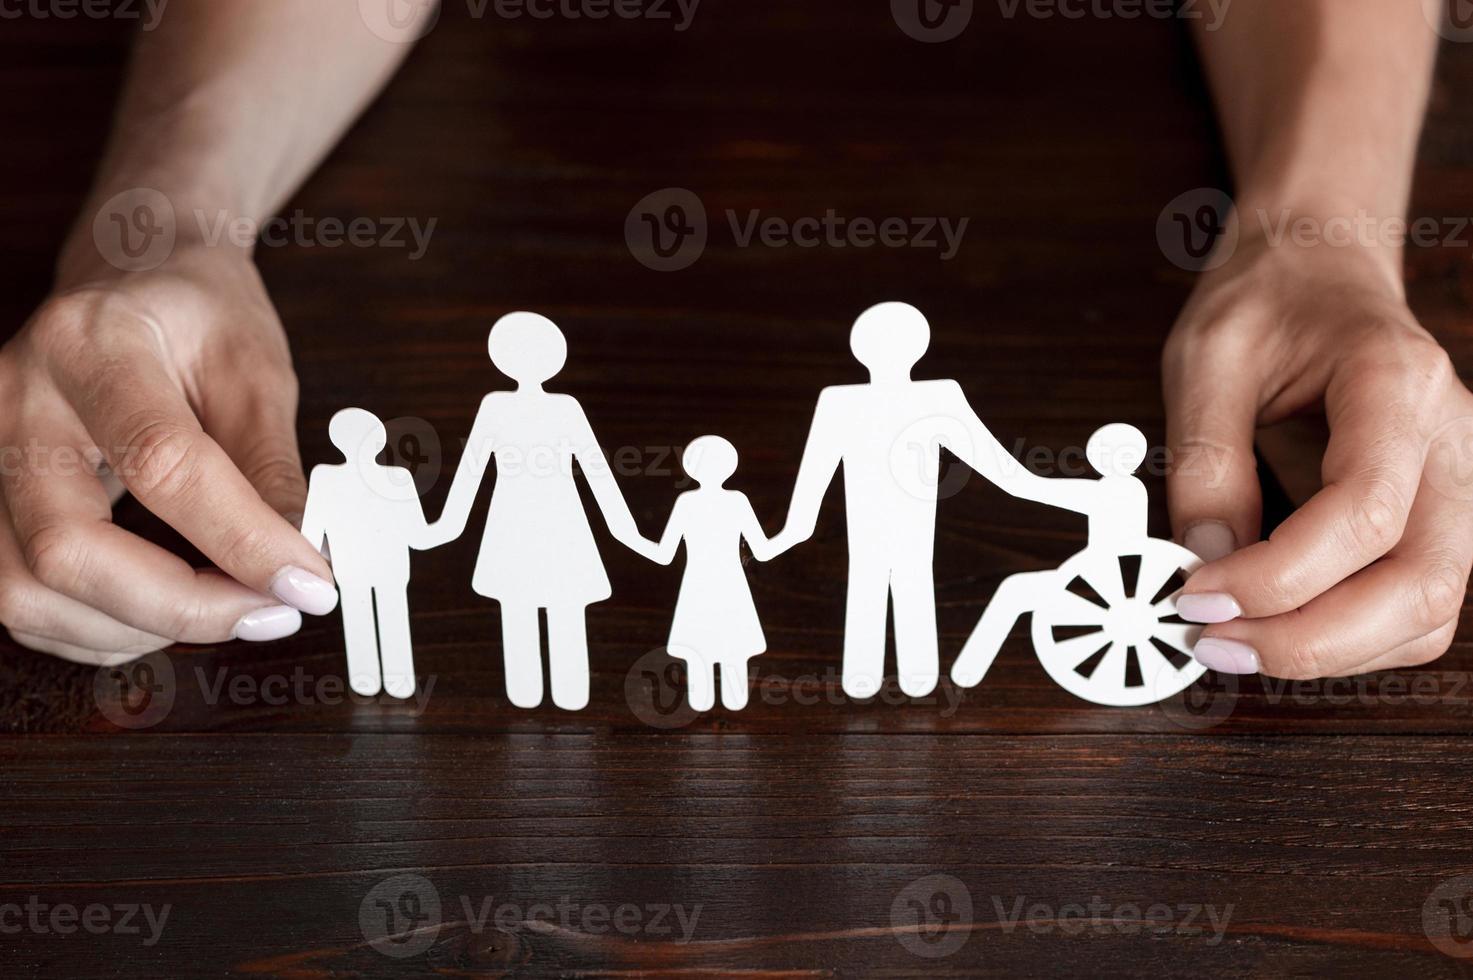 uitgesneden papier van verschillende familieleden die samen zijn foto